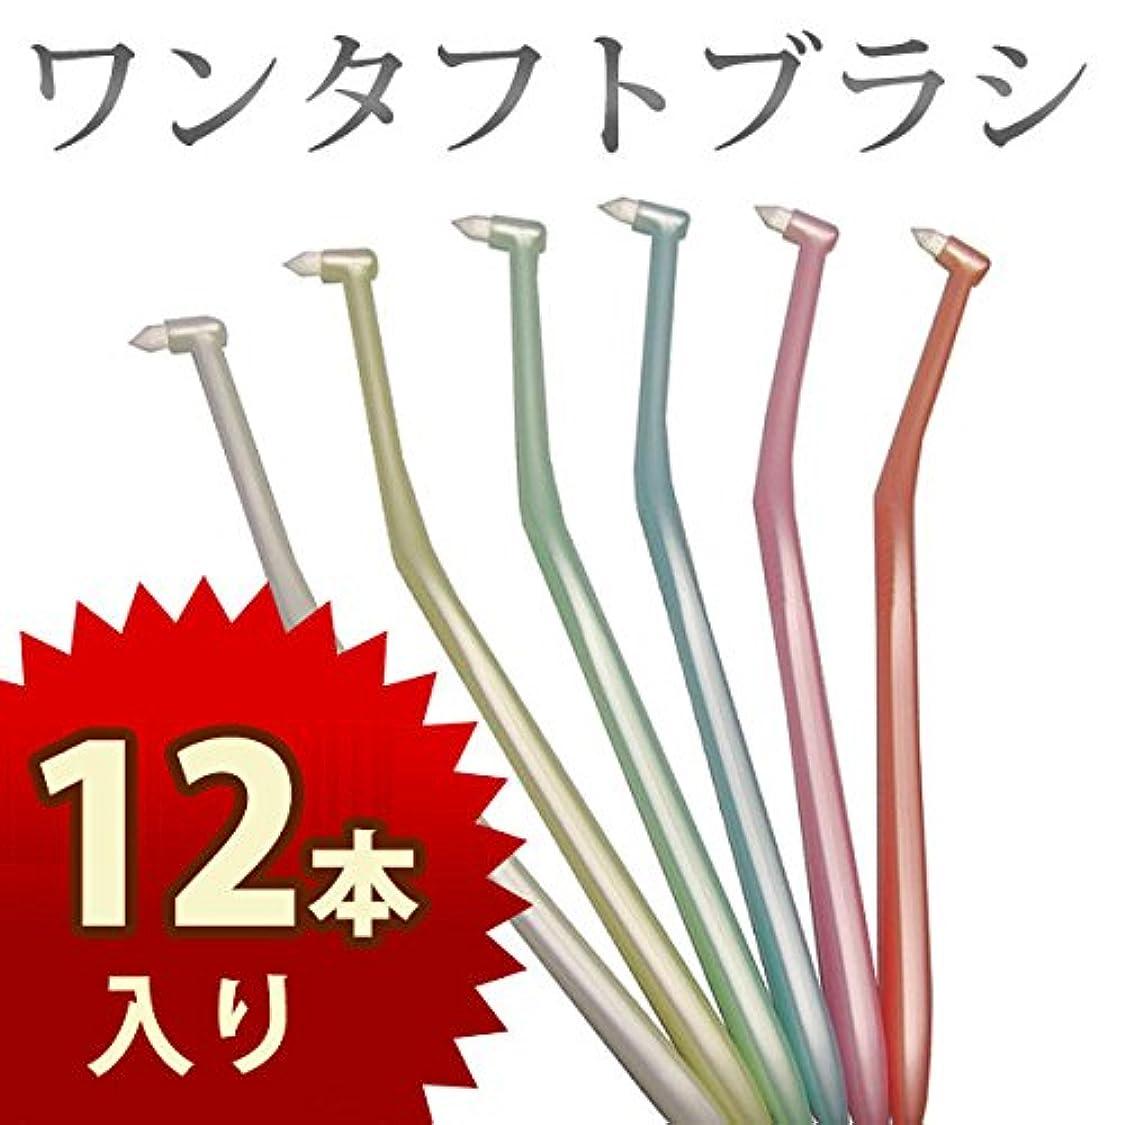 現実には補償過言ラピス ワンタフト 12本入り LA-001 歯ブラシ ソフト(やわらかめ) グリーン